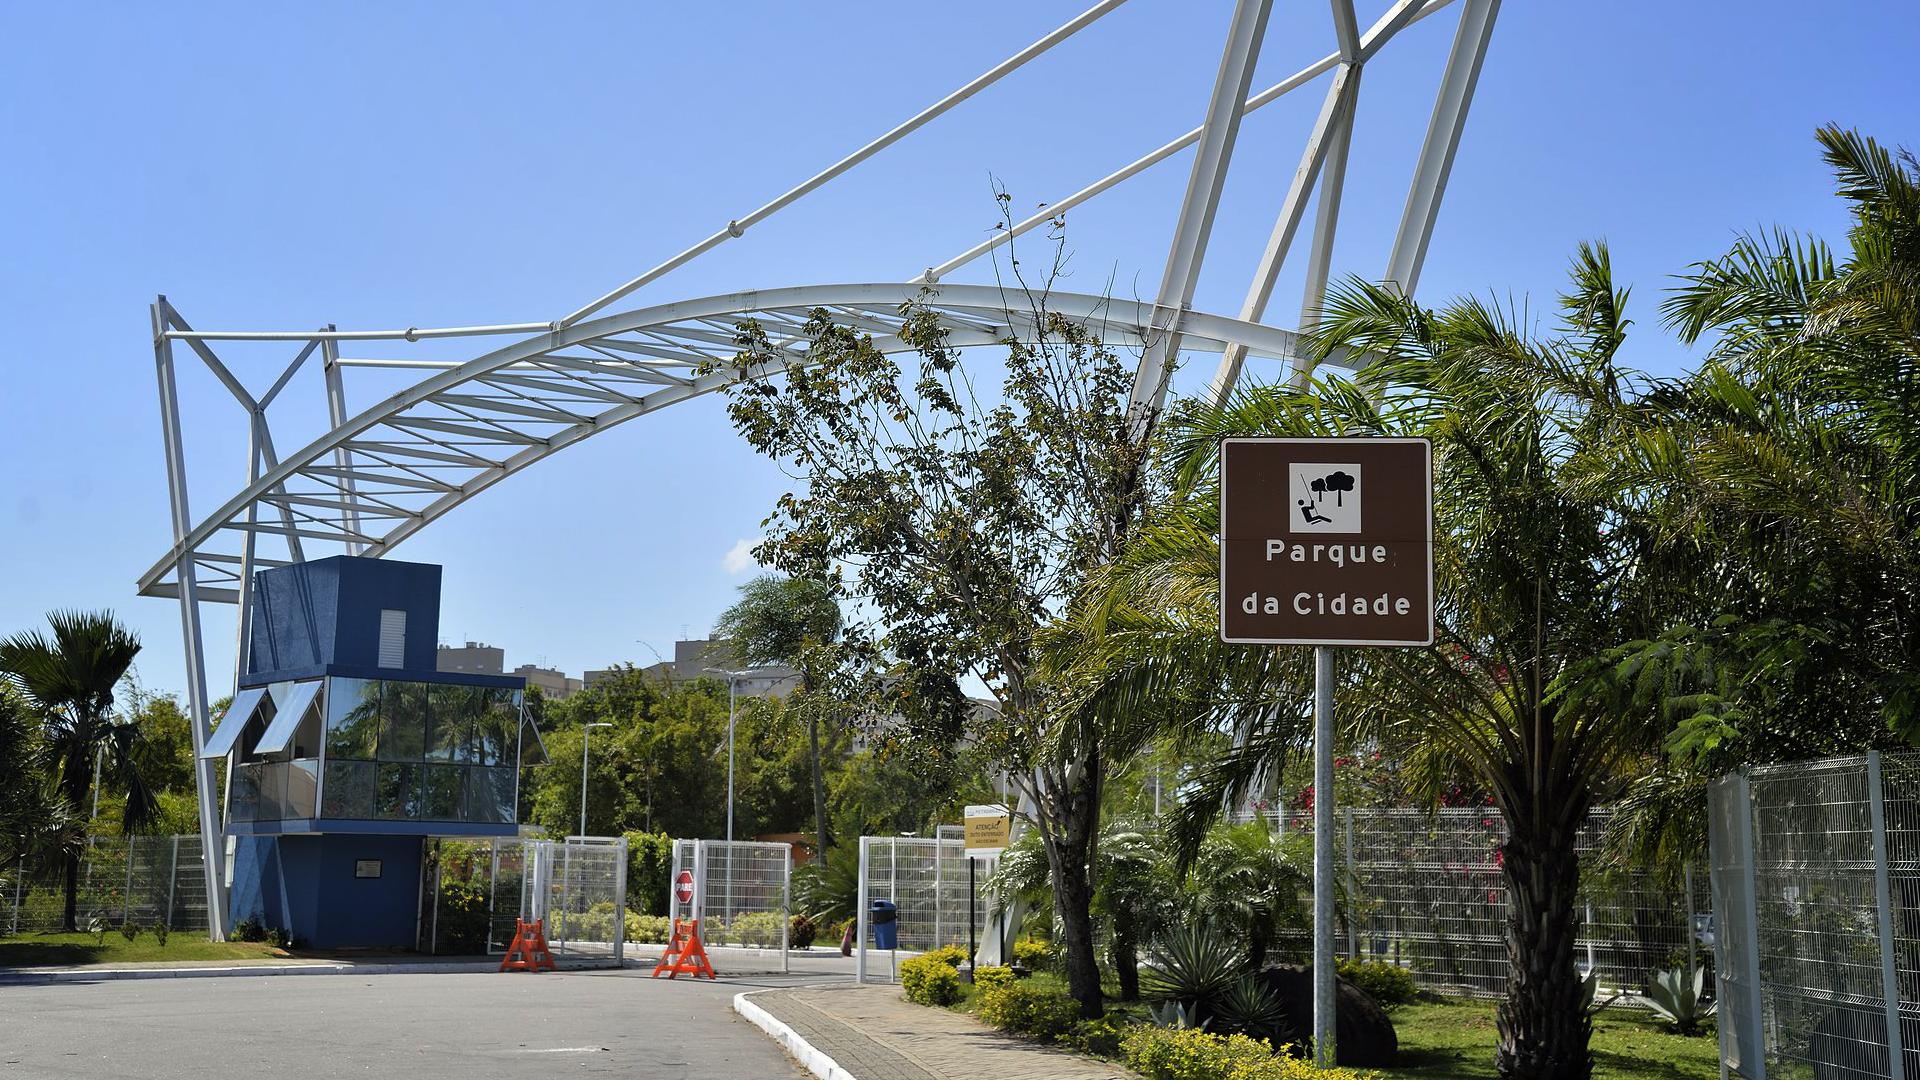 http://demartinconstrutora.com.br/jardim-limoeiro-um-passeio-pelo-melhor-de-serra/